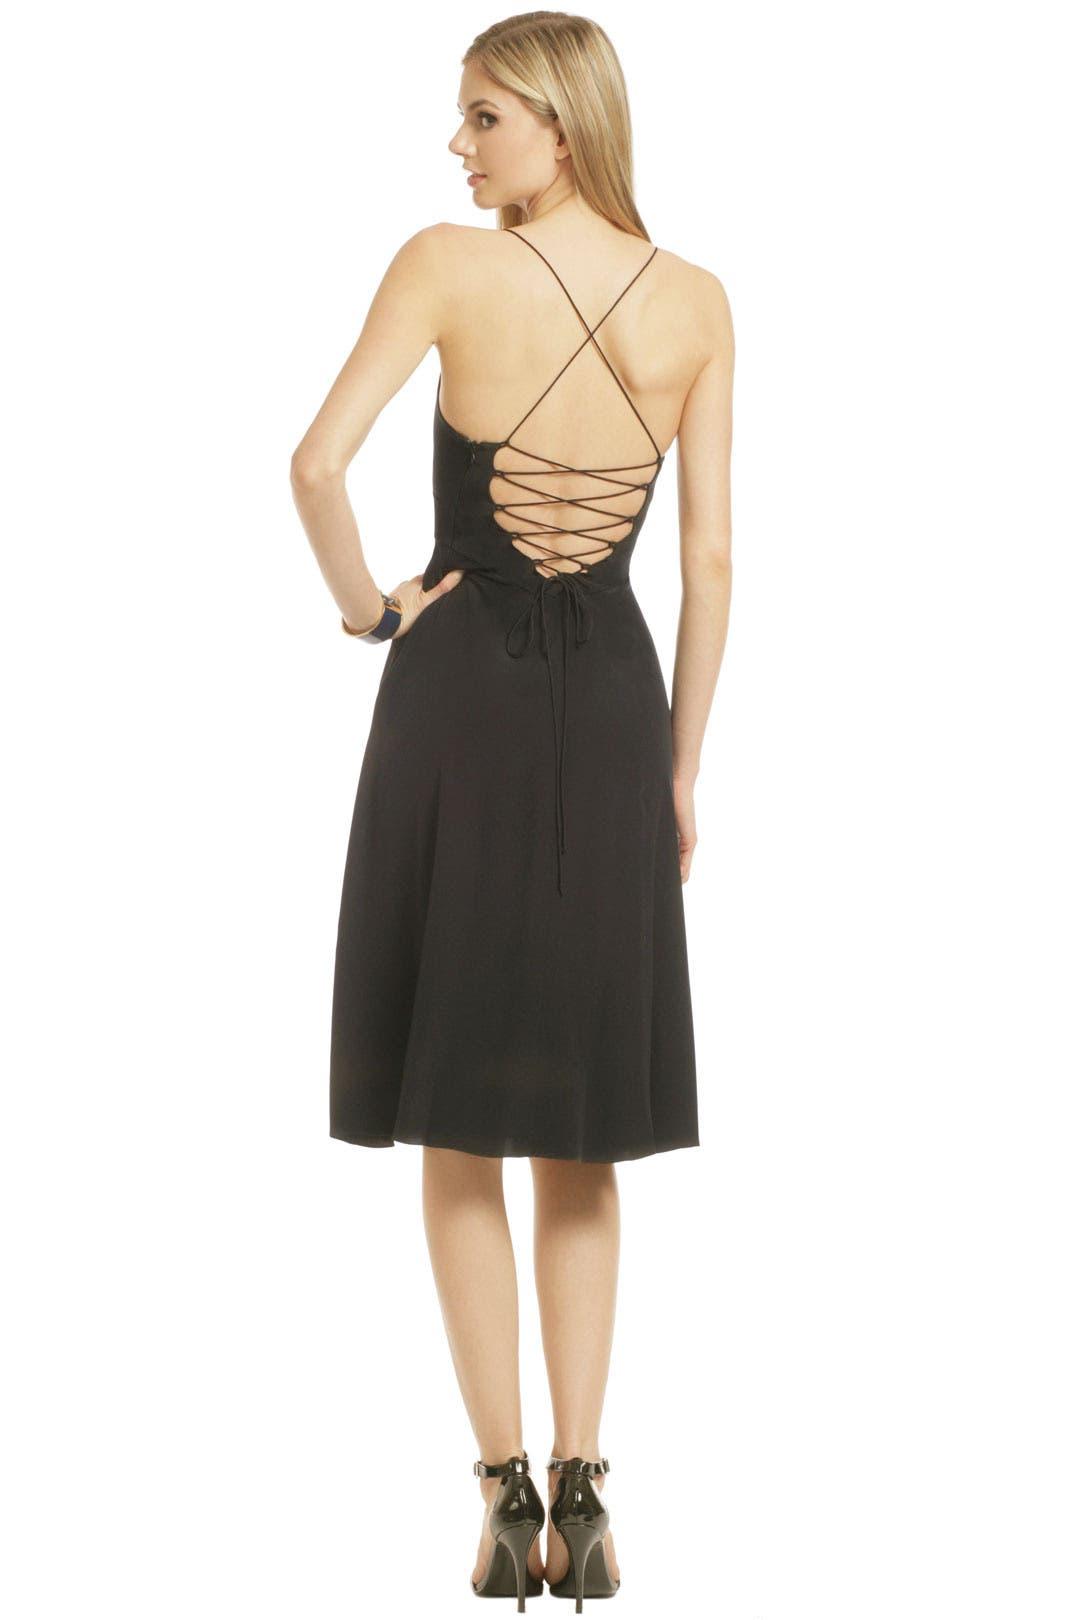 Waist Cincher Dress by Tibi